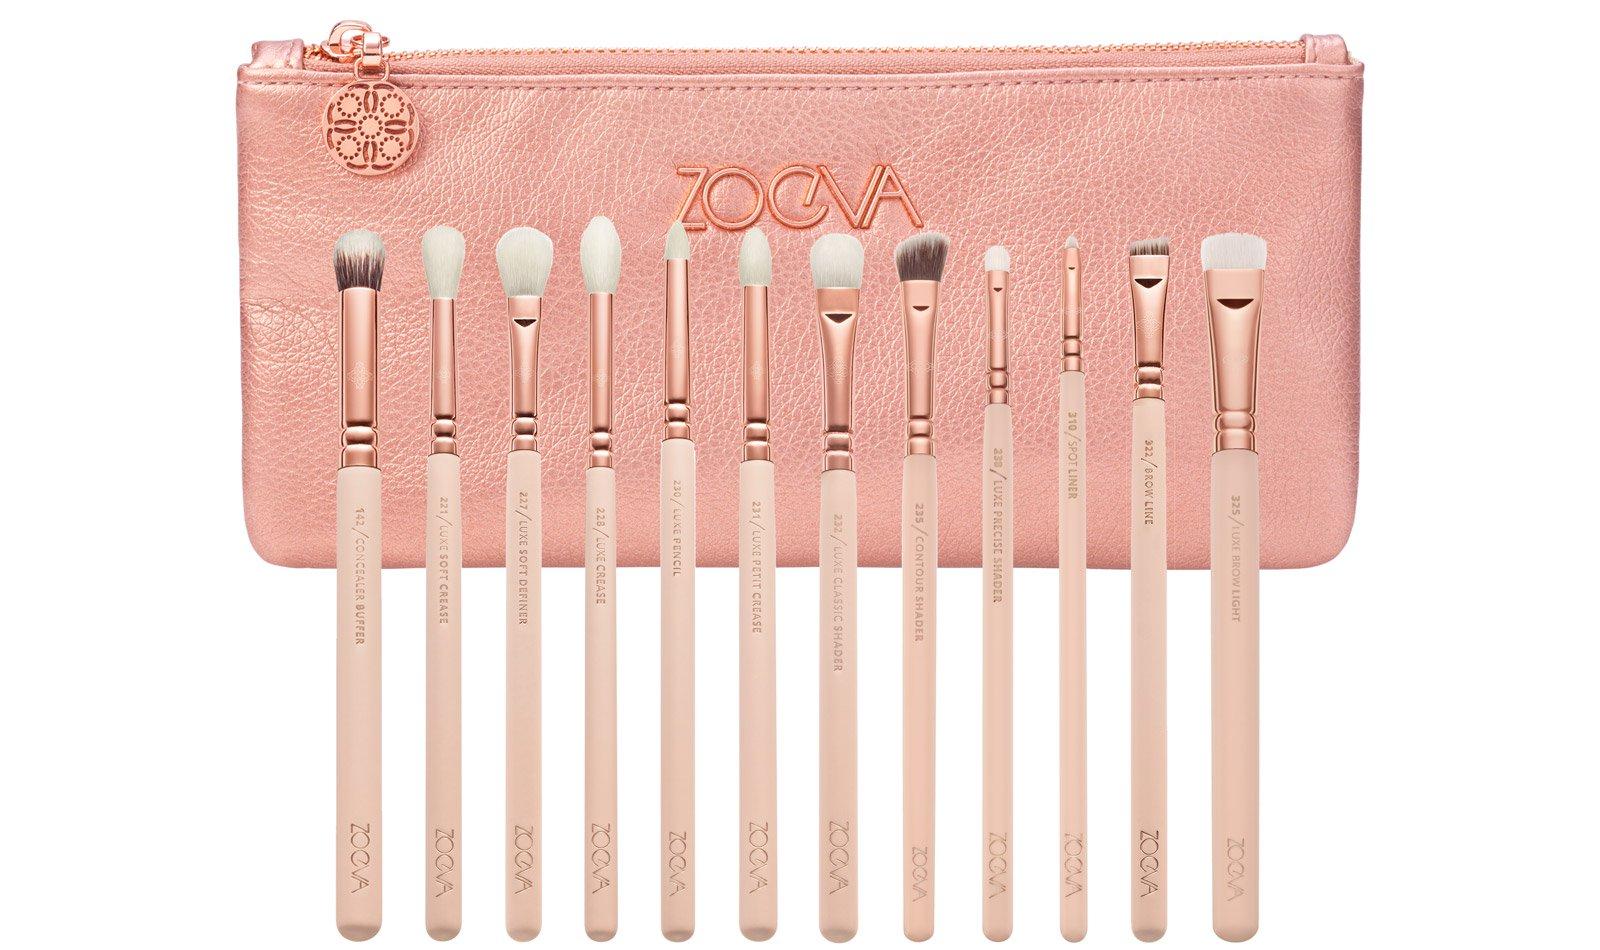 Zoeva Professional Makeup Brush Set With Purse - 12 Pcs